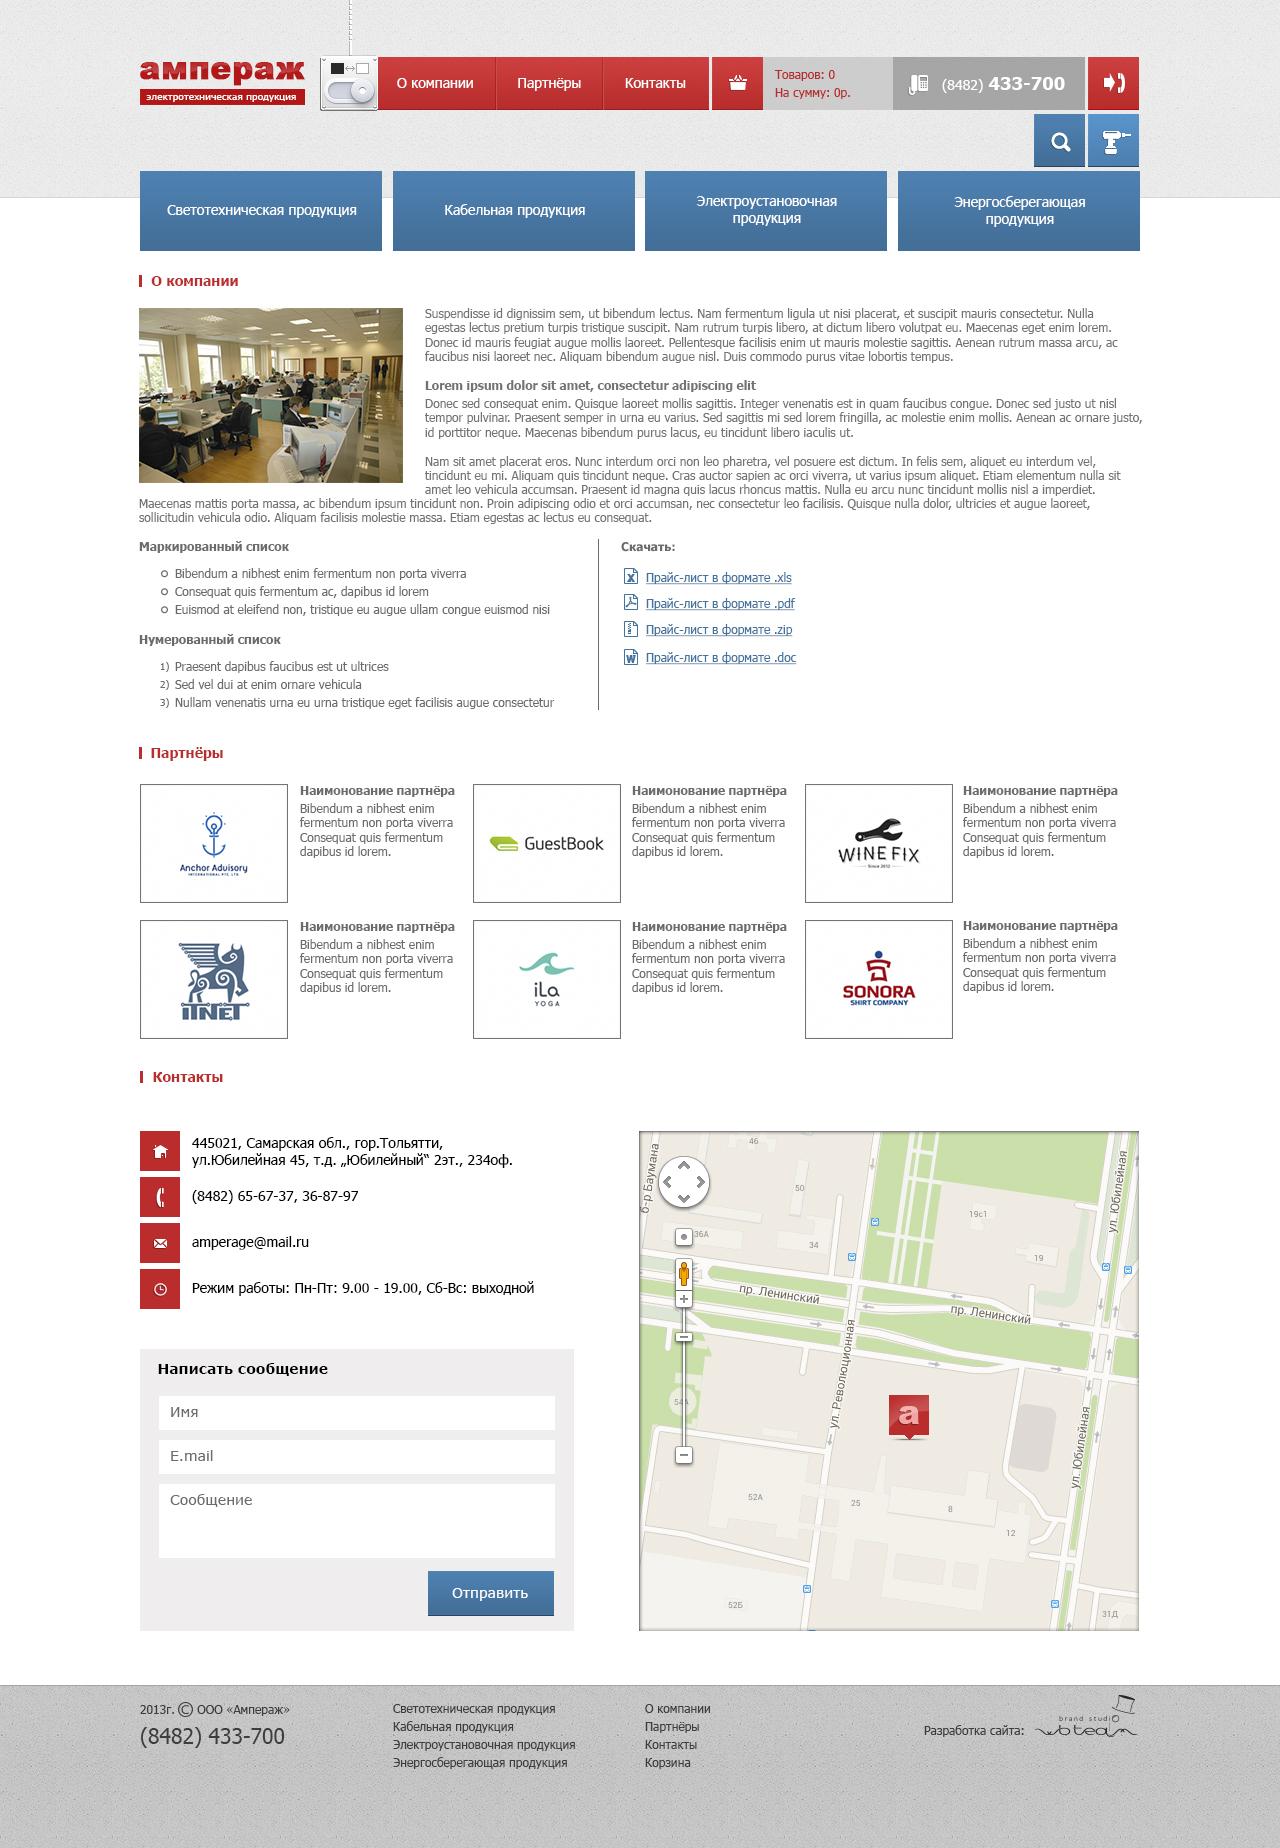 Информационная страница